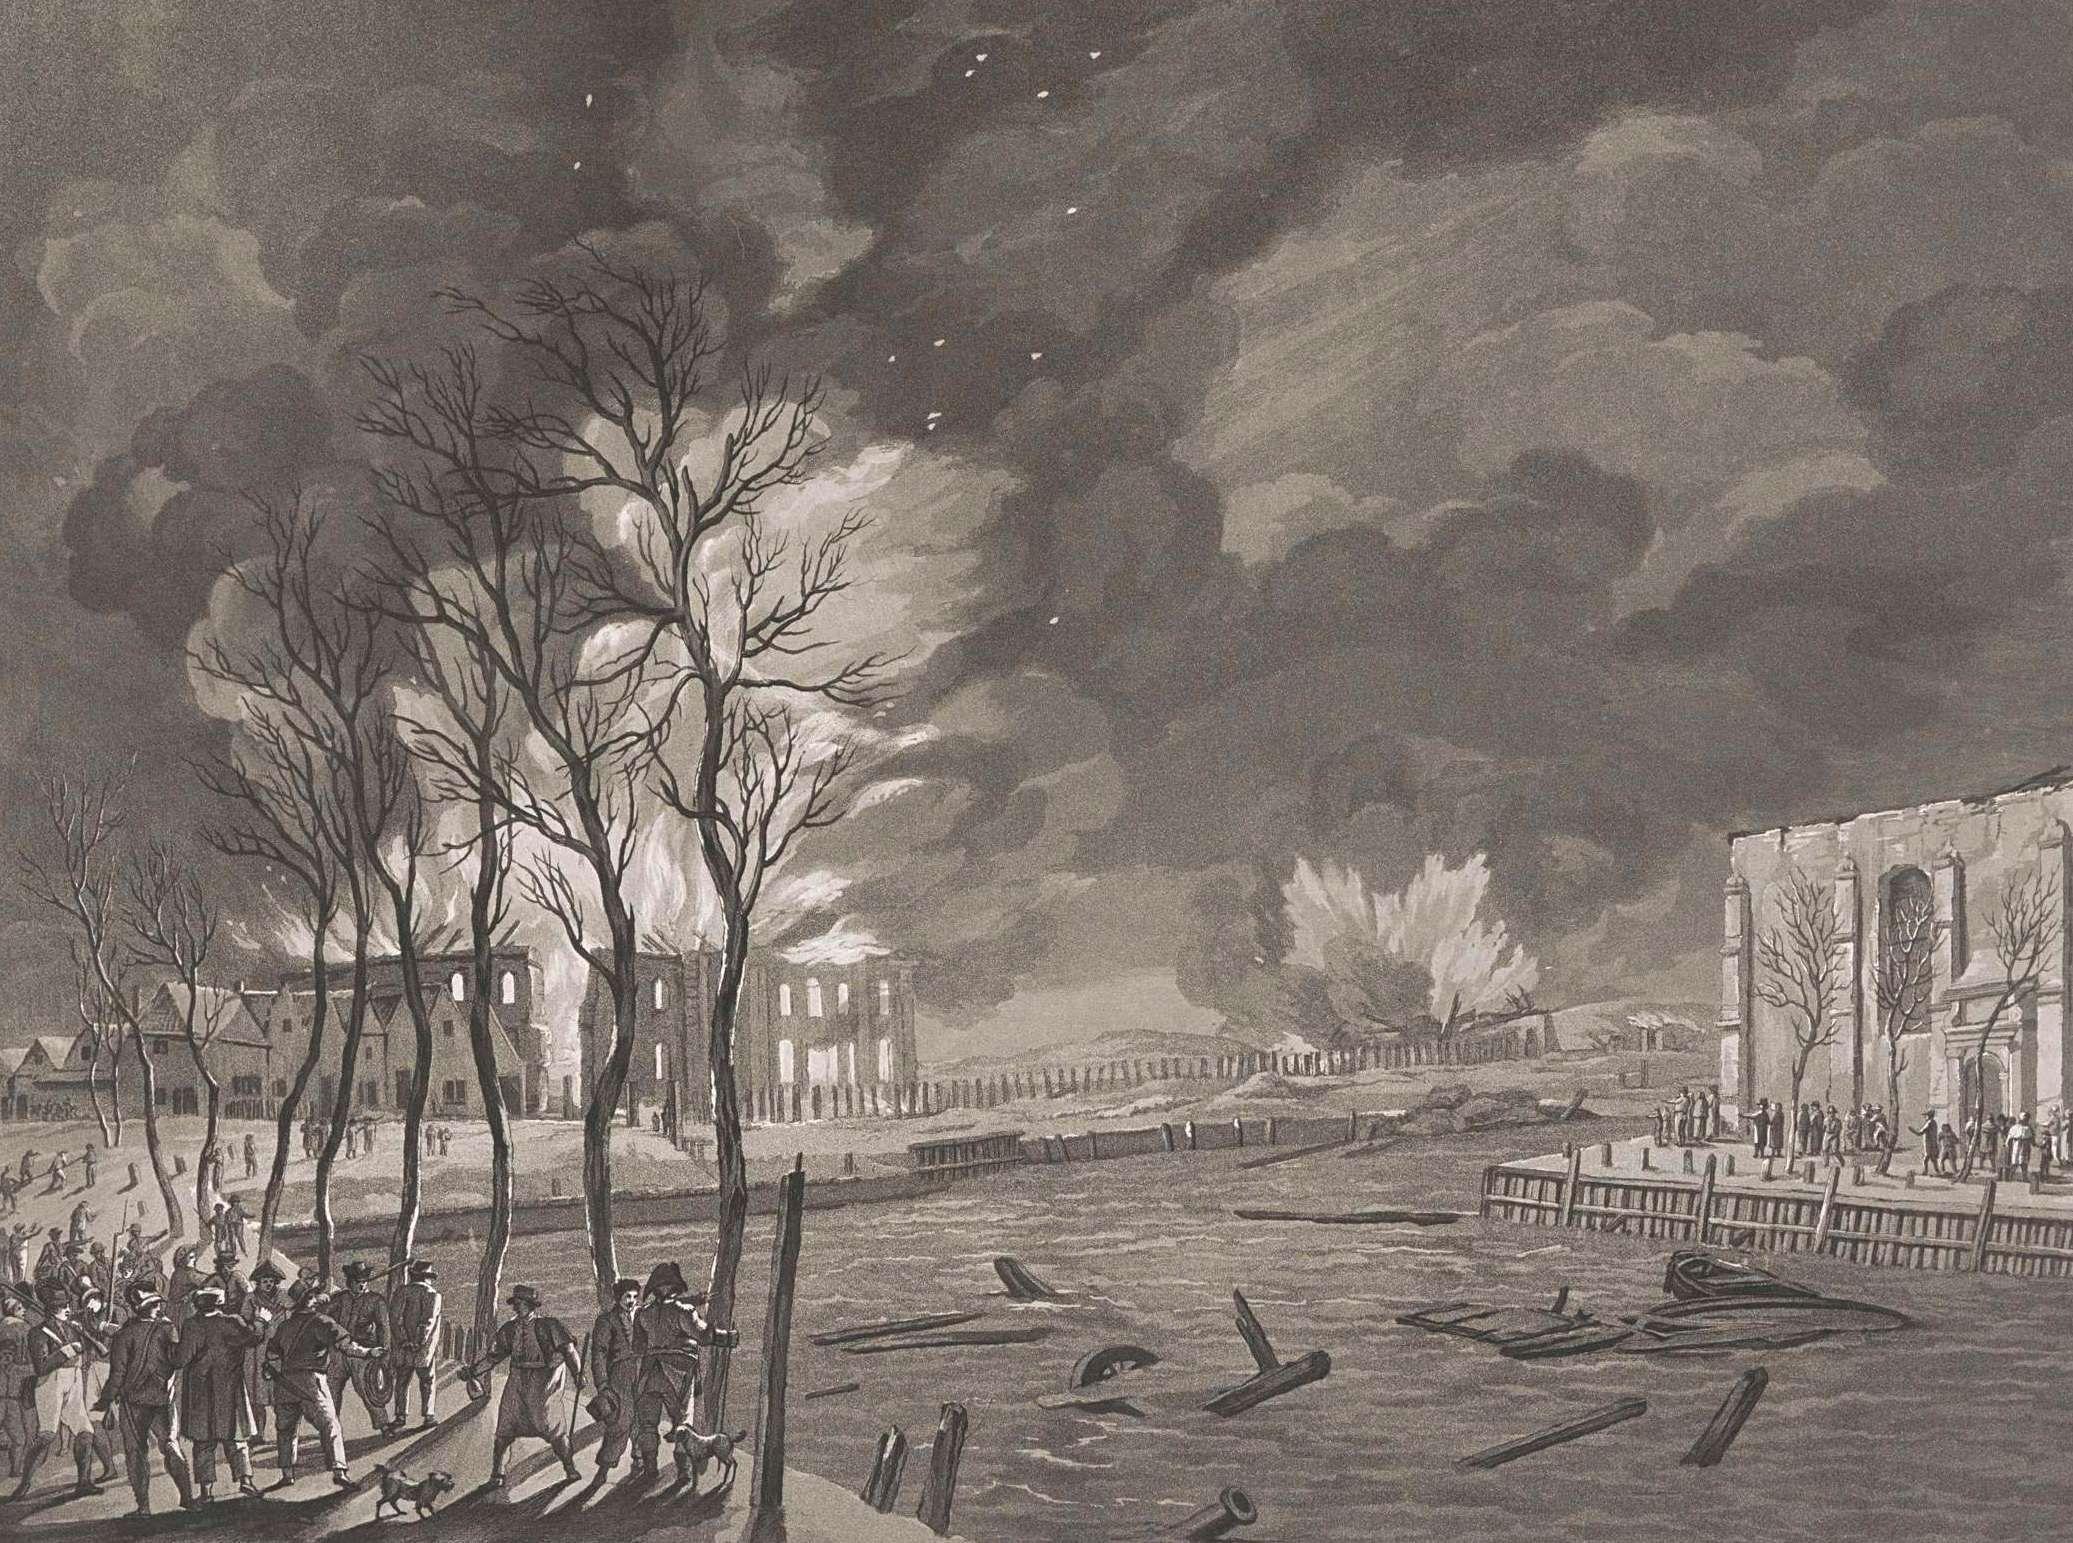 Afbranden van 's Lands Zeemagazijn na de aanval van de Engelsen, 1809. Prent door Friedrich Christoph Dietrich, 1809. (Collectie Rijksmuseum)